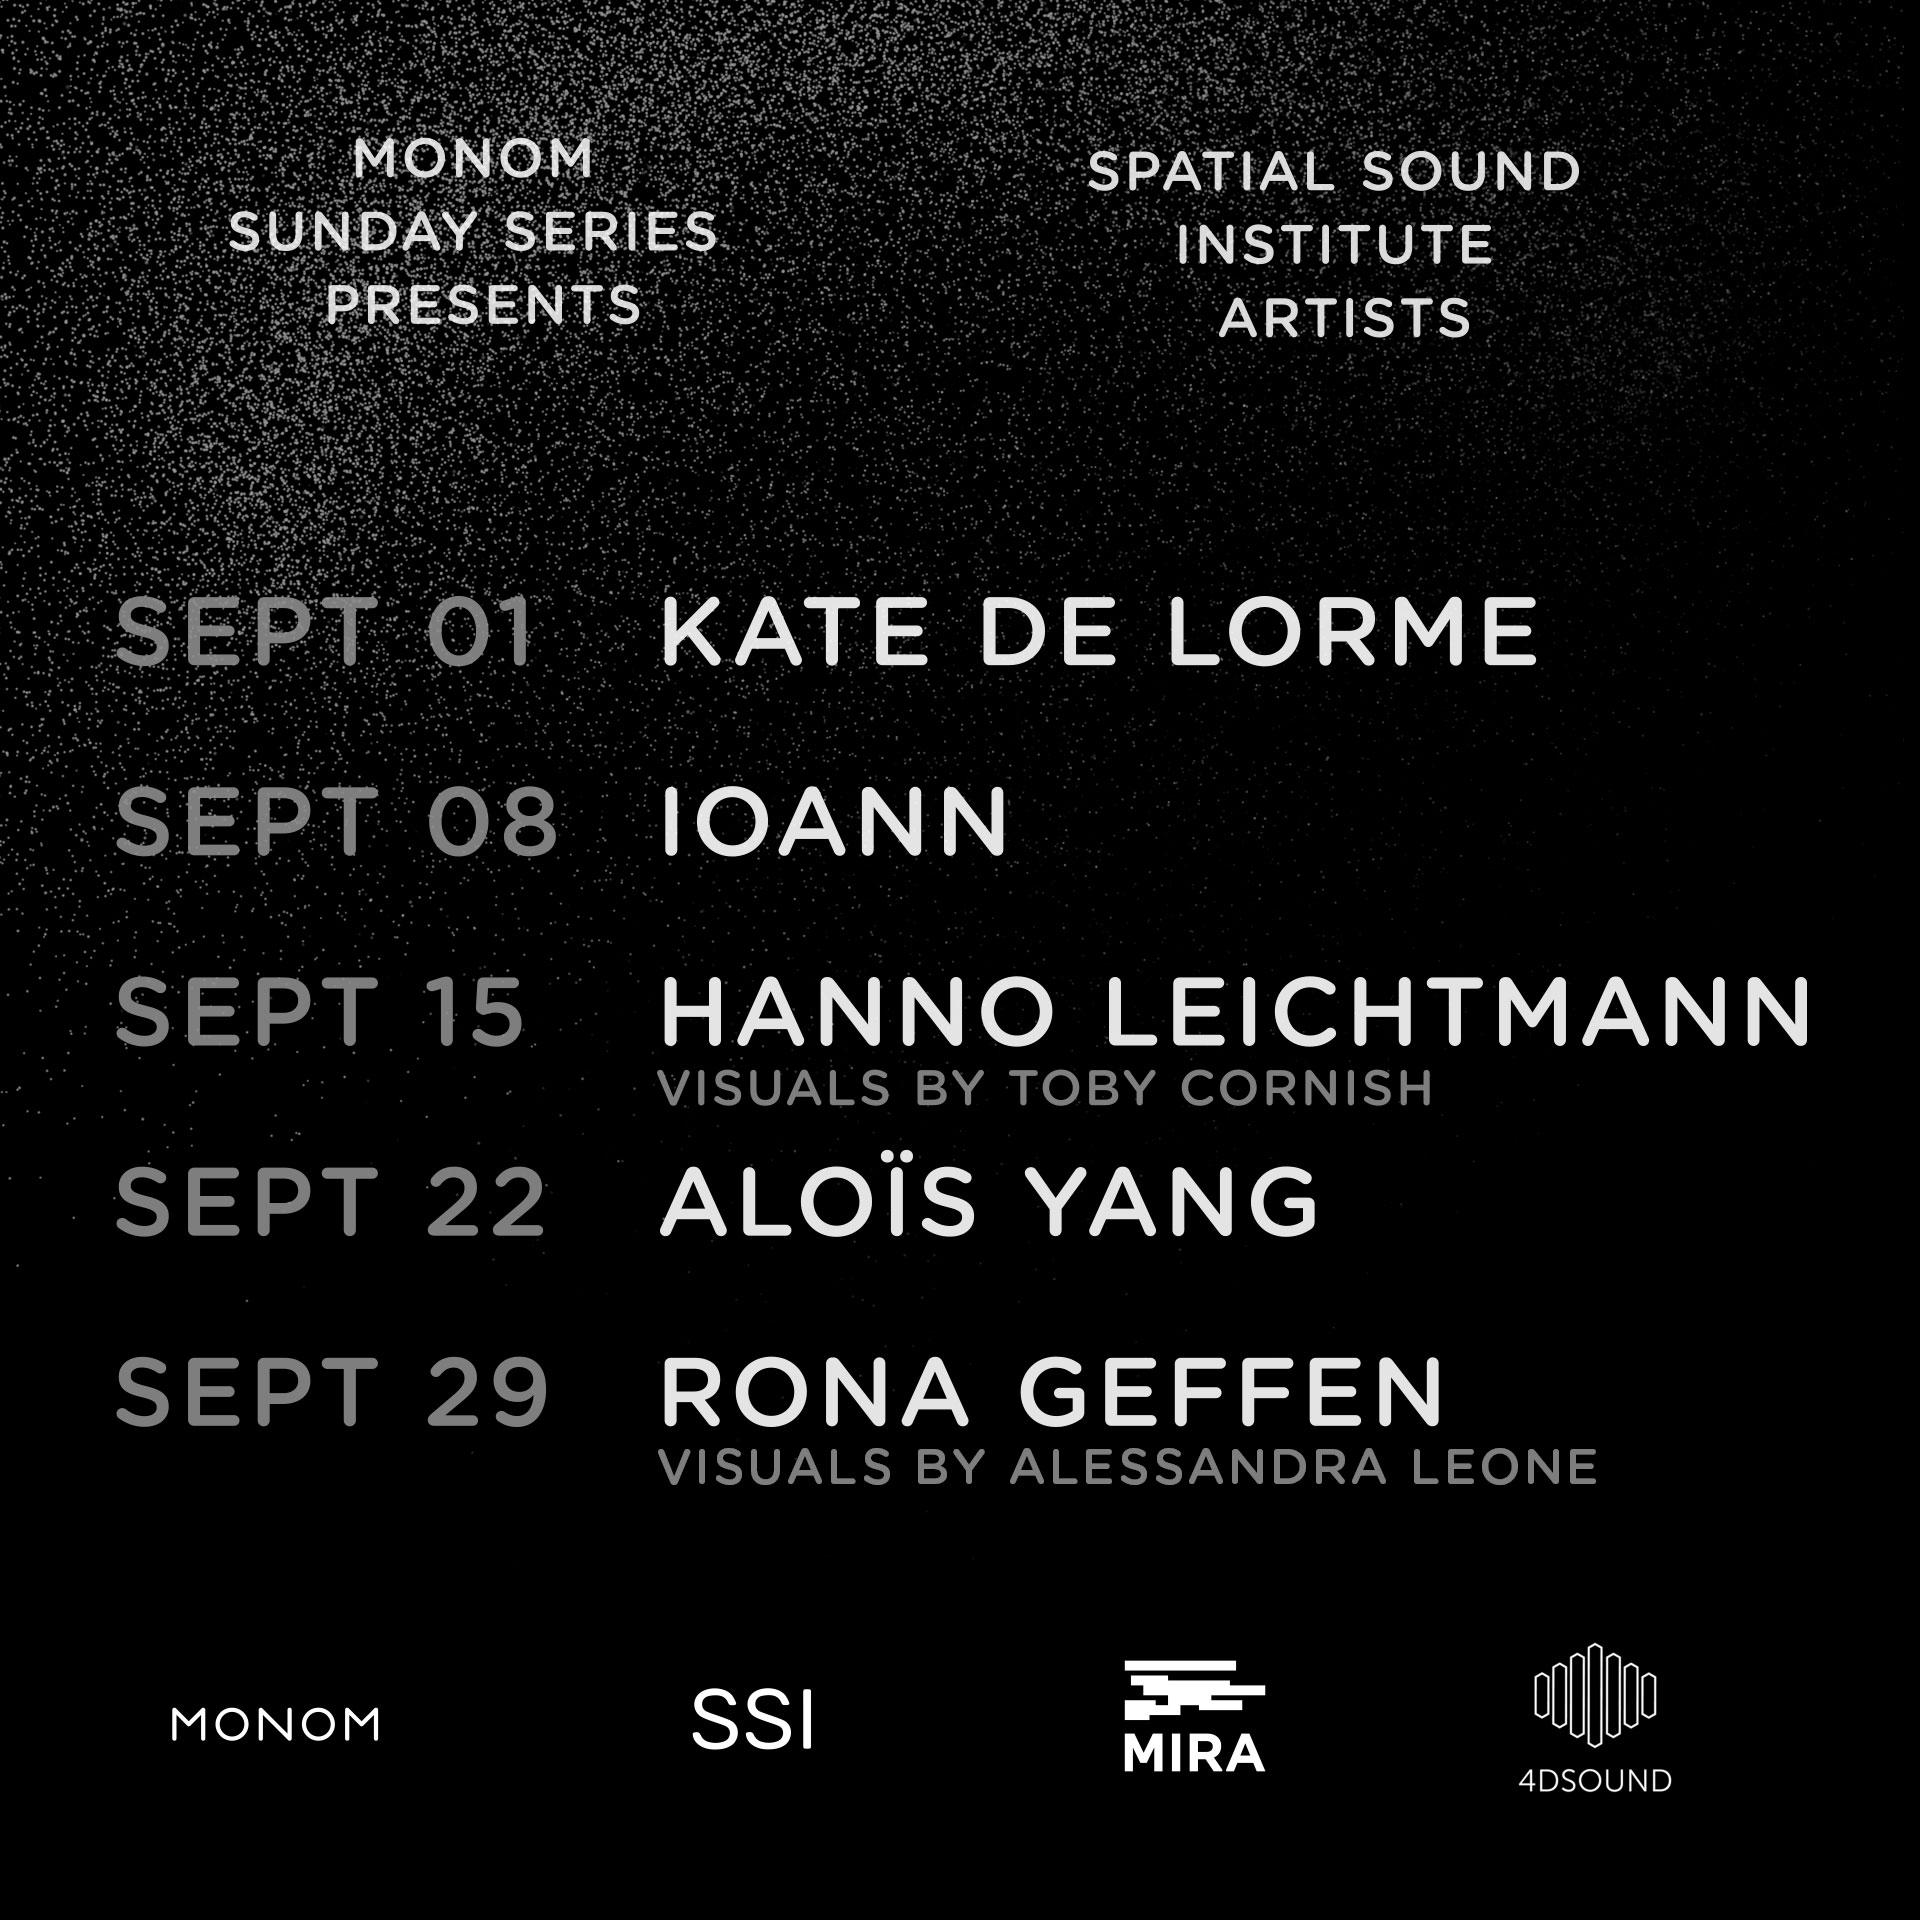 MONOM-Sunday-Series-all-artists-STILL.jpg